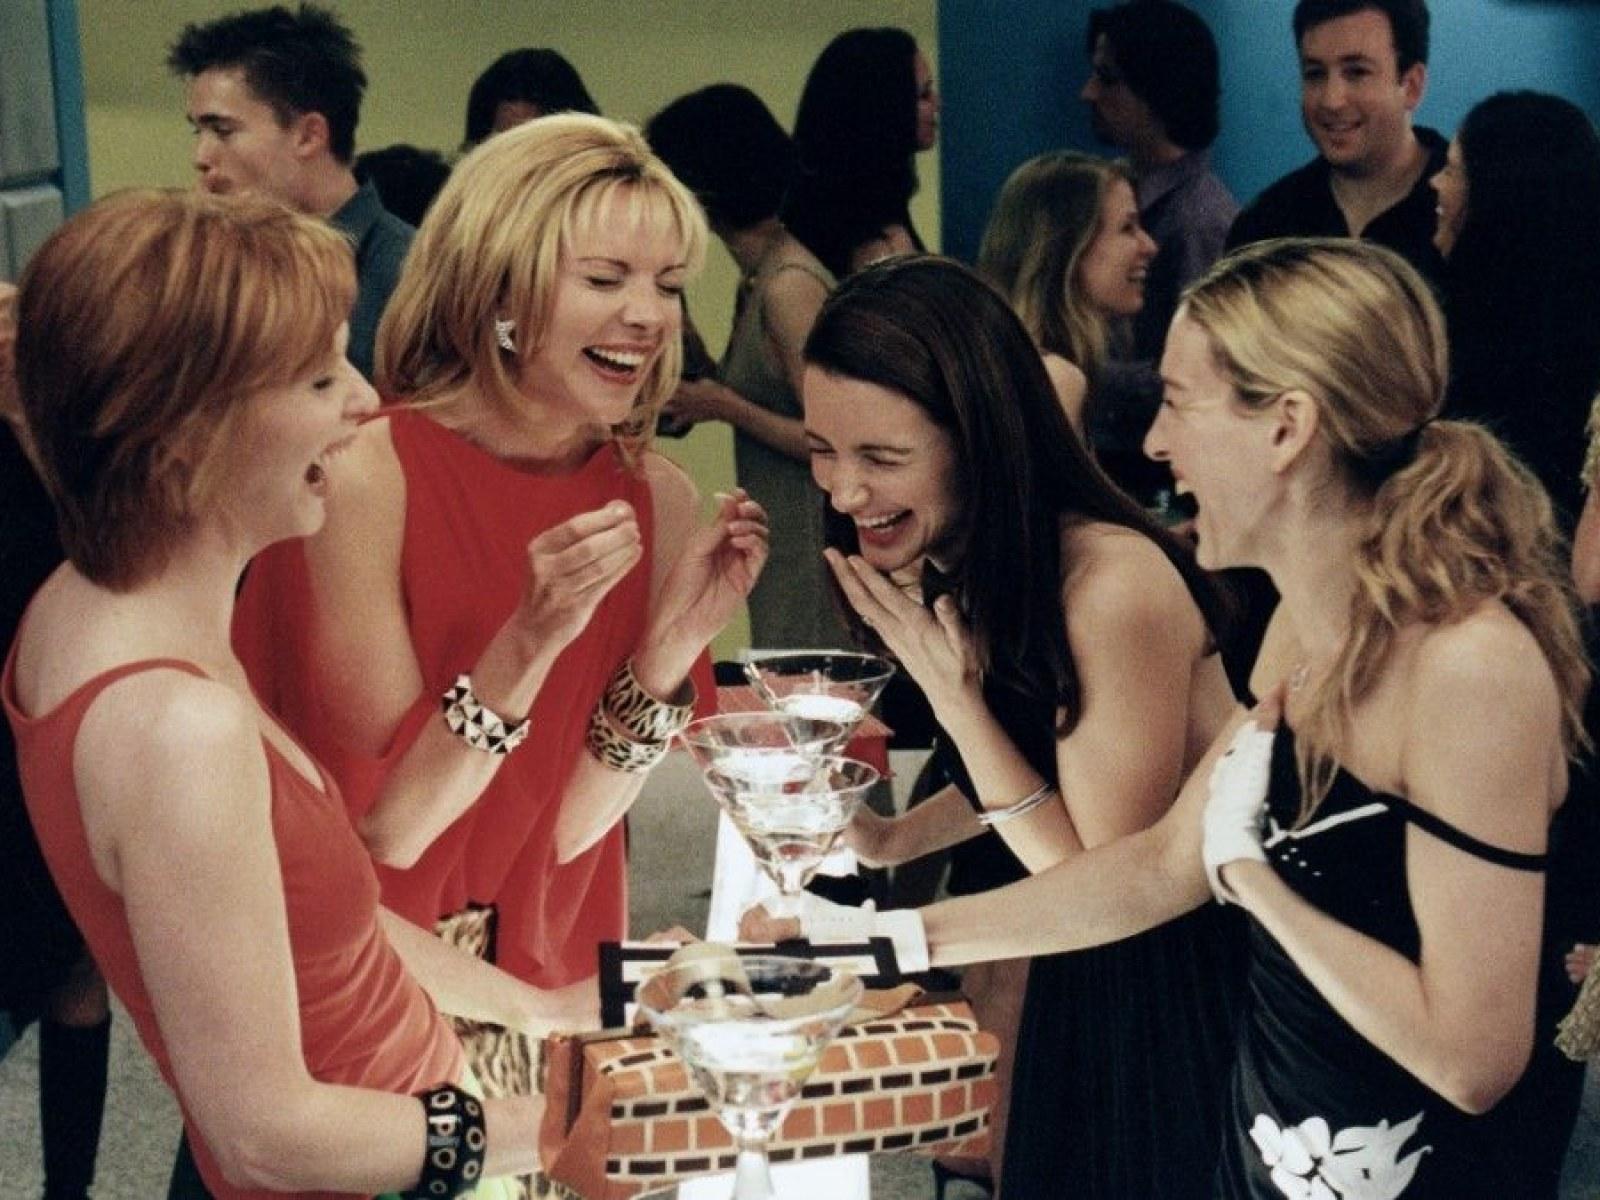 Entre drinks e exageros: como a cultura pop pode influenciar nosso interesse